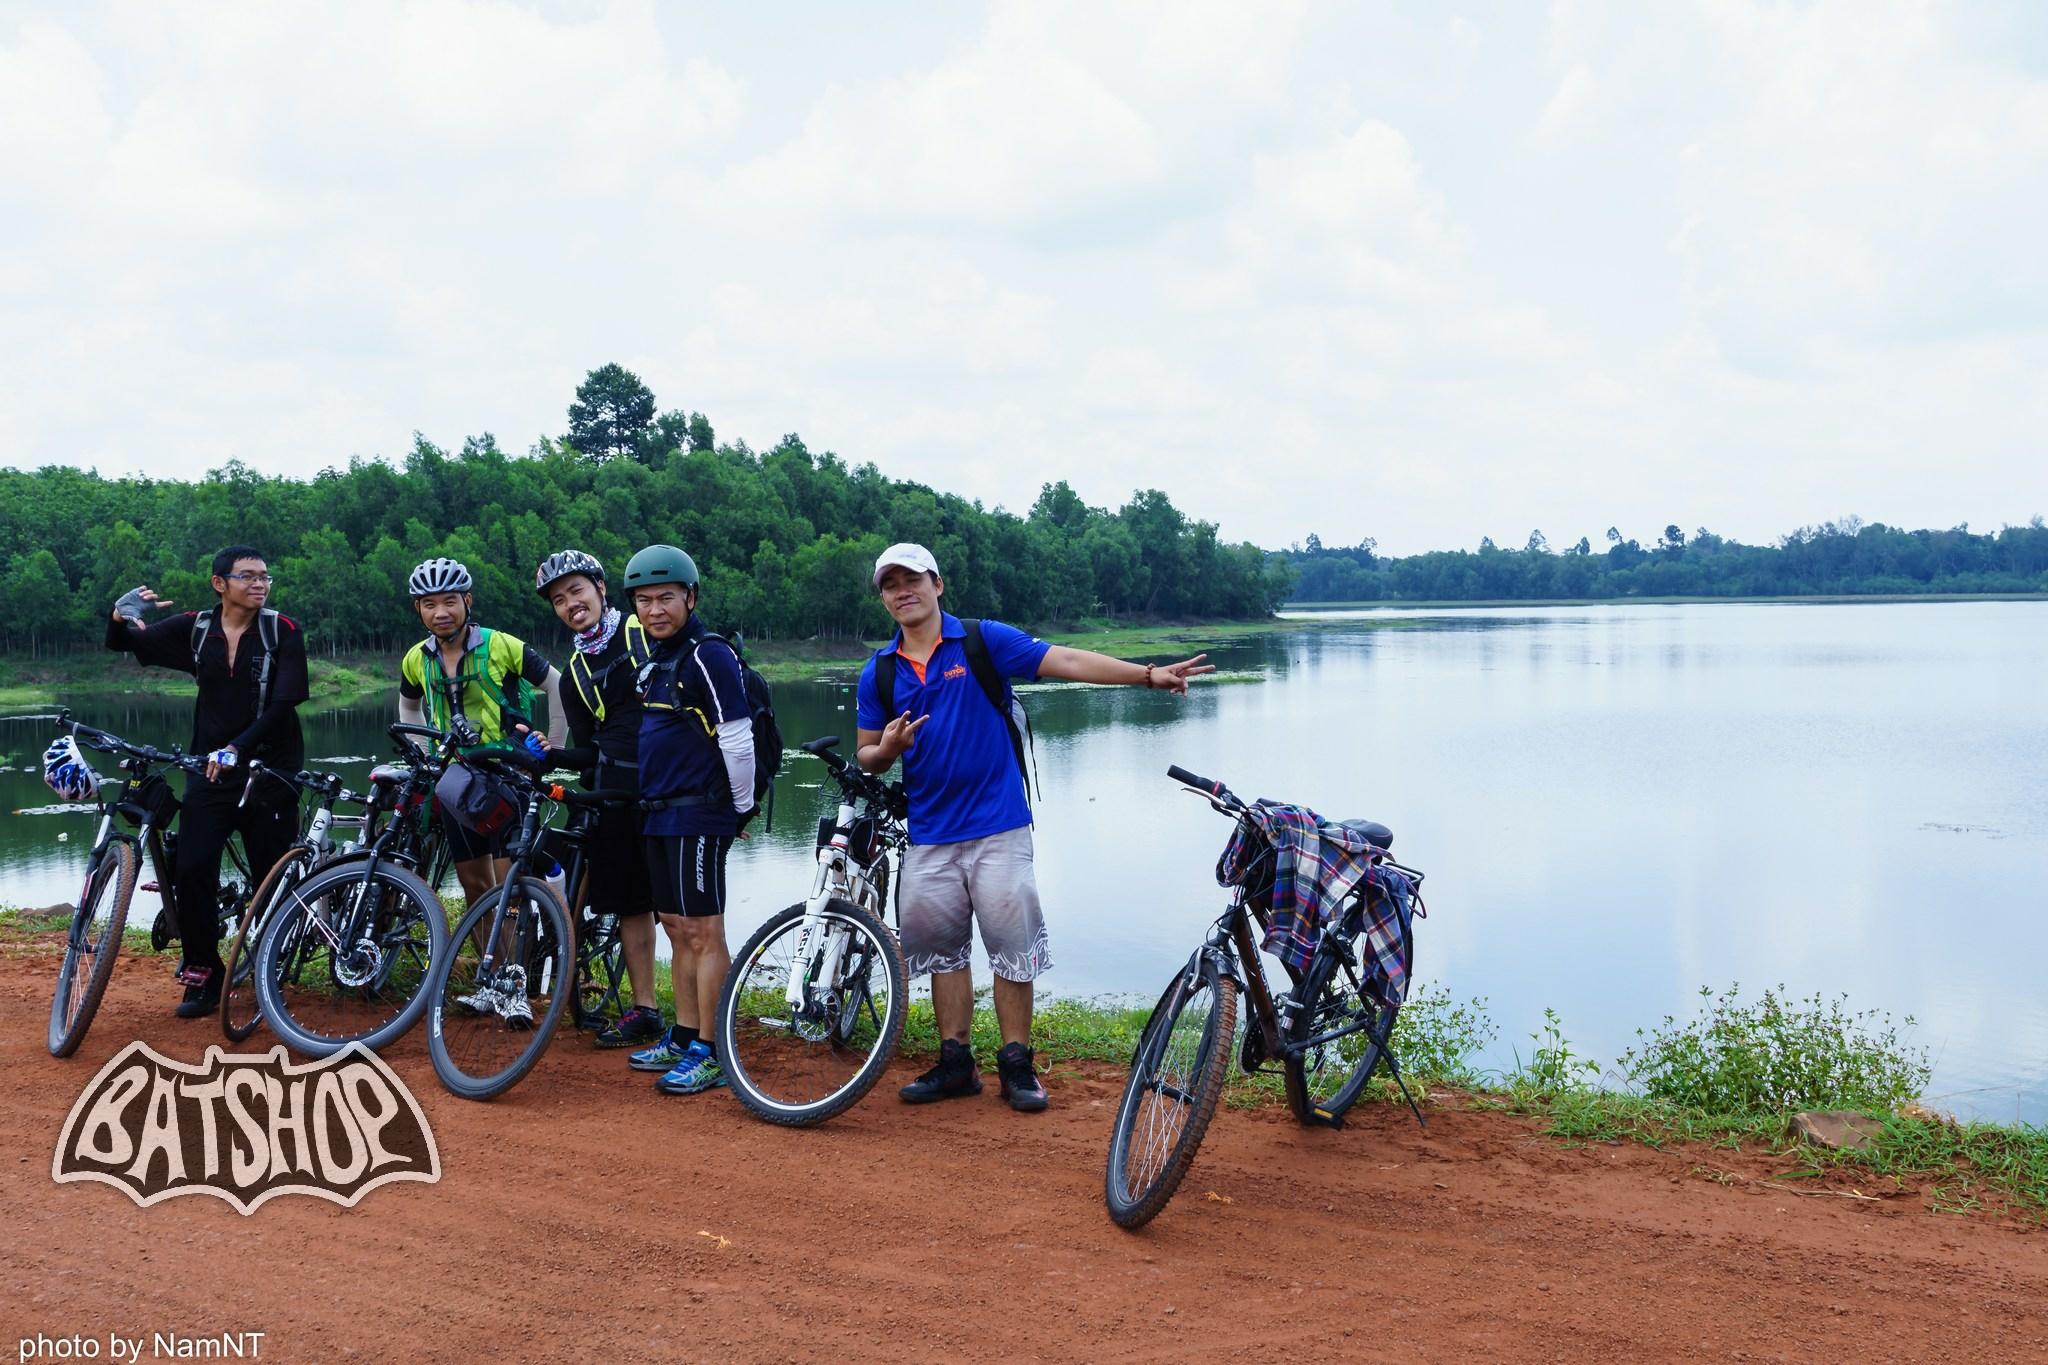 20459167240 d8317cf798 k - Hồ Cần Nôm-Dầu Tiếng chuyến đạp xe, băng rừng, leo núi, tắm hồ, mần gà